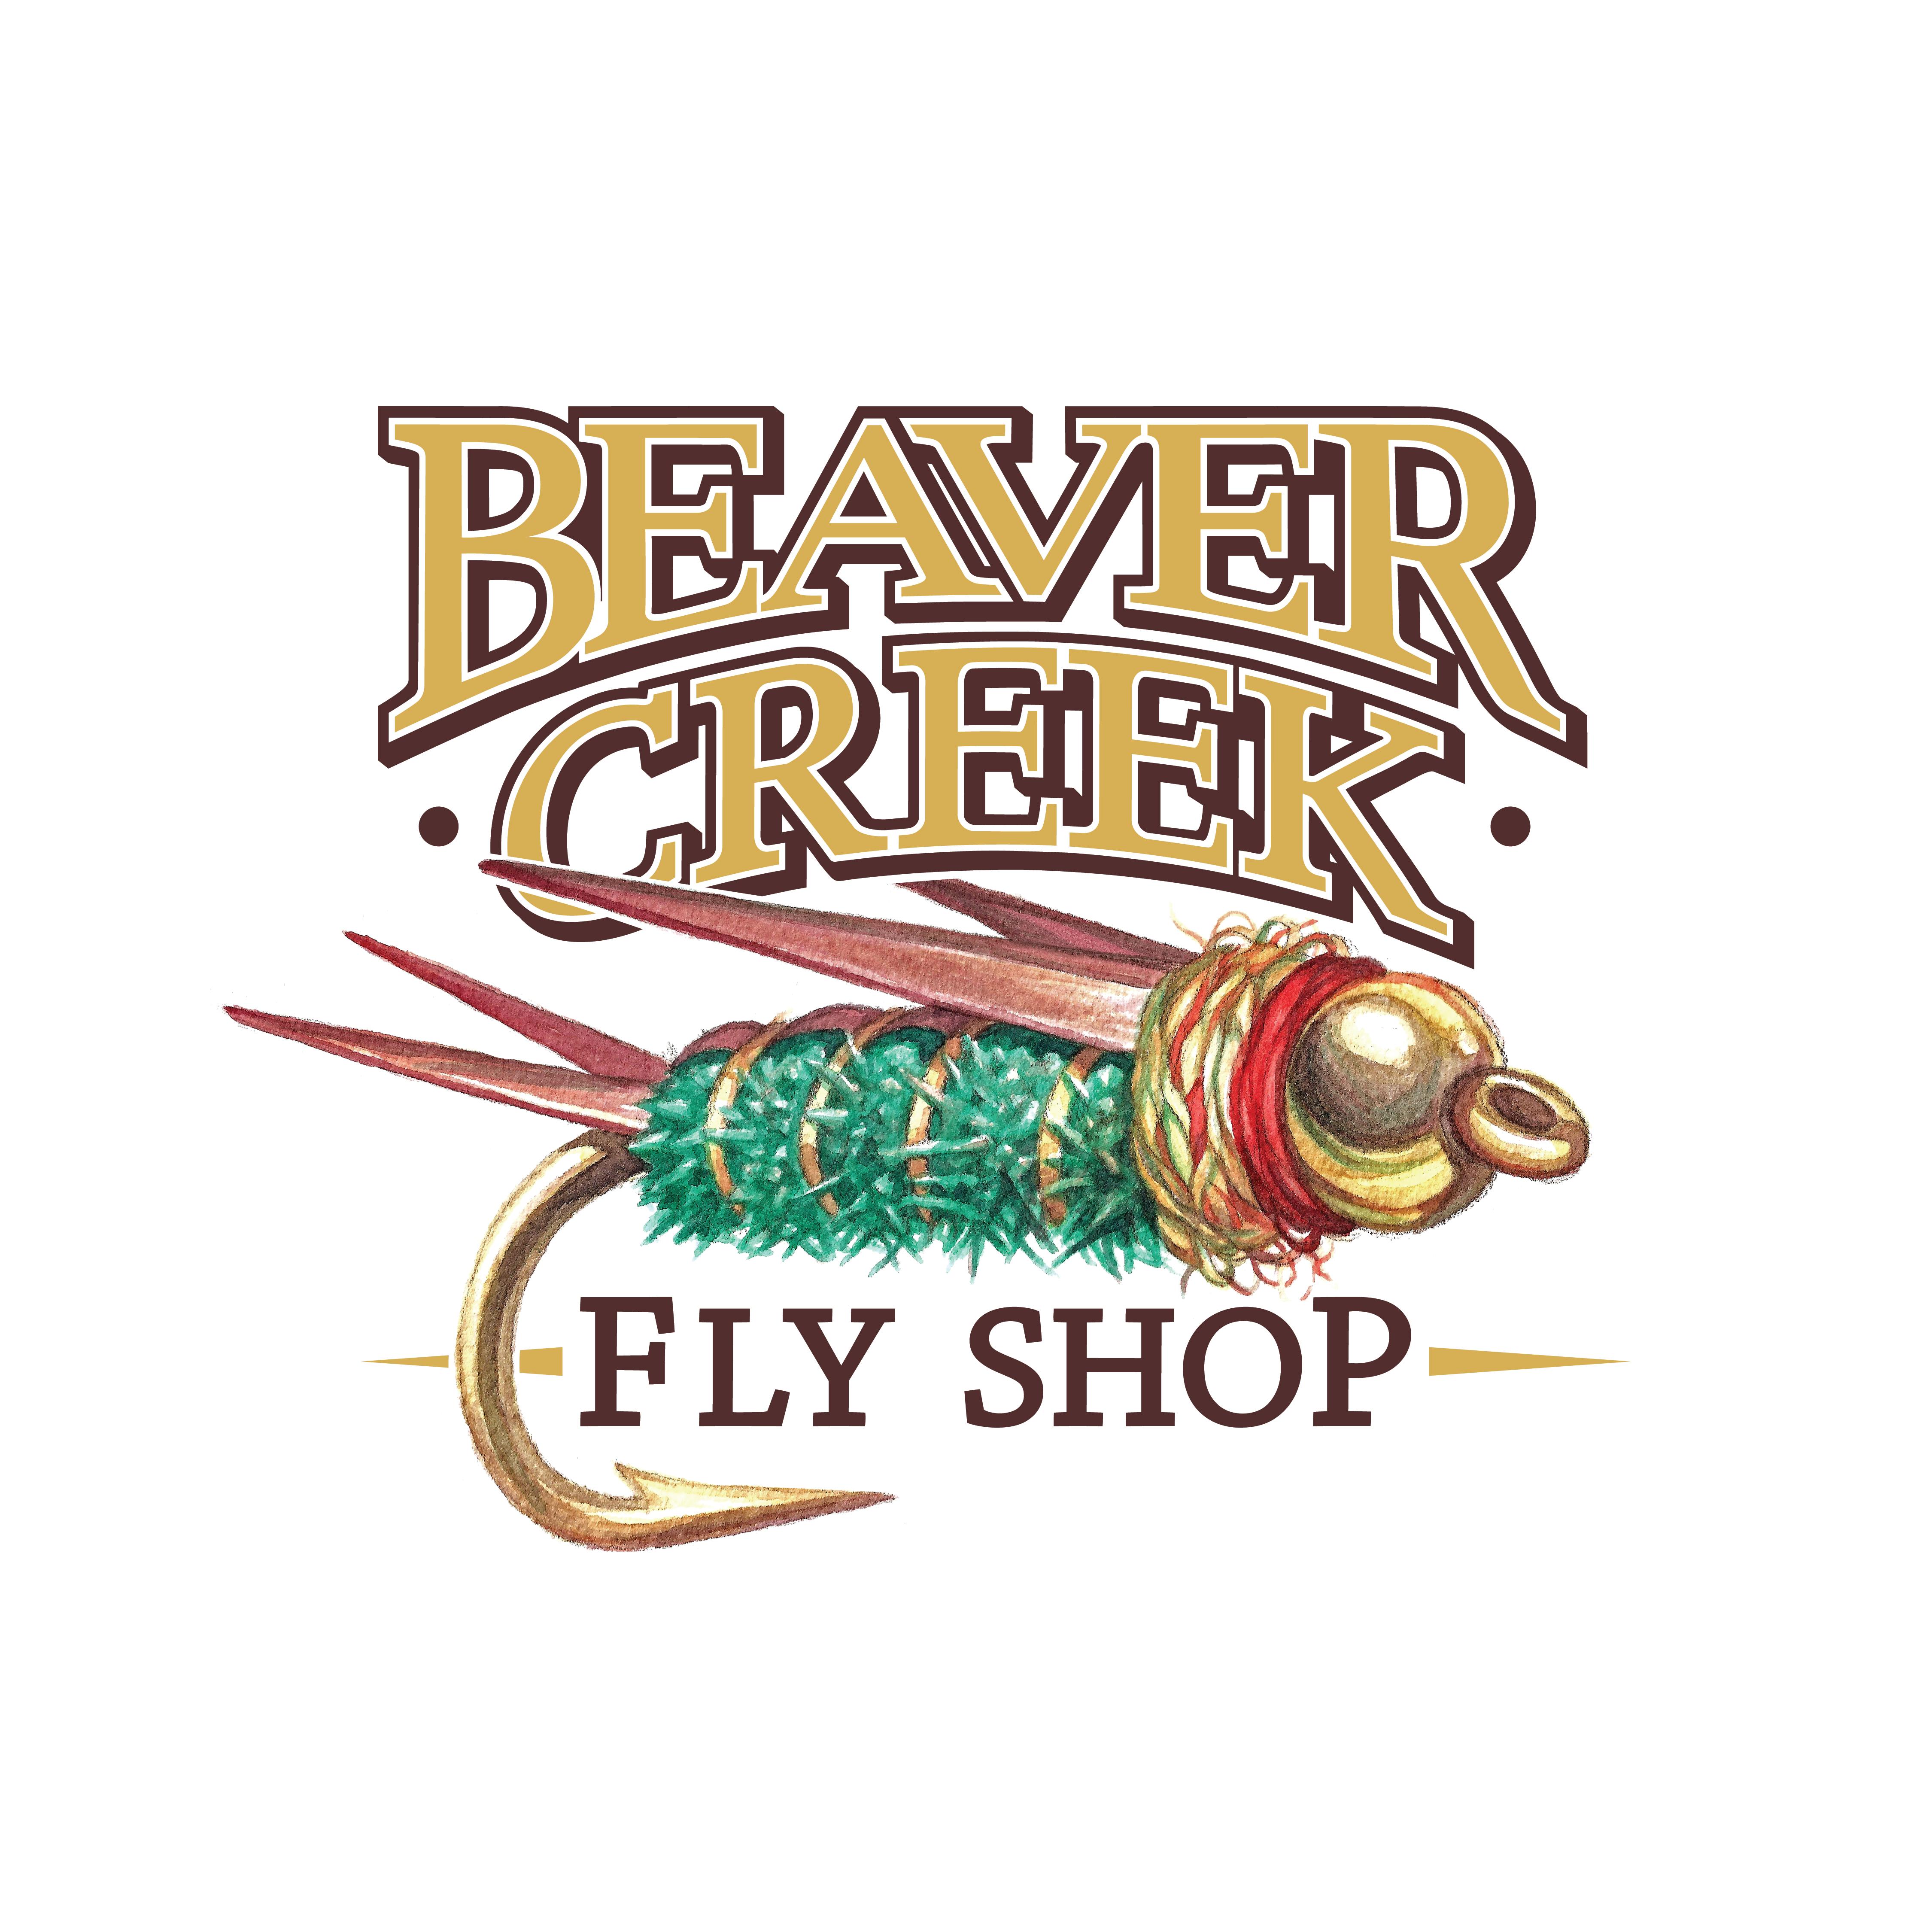 BeaverCreekFINAL_logo_(1).jpg